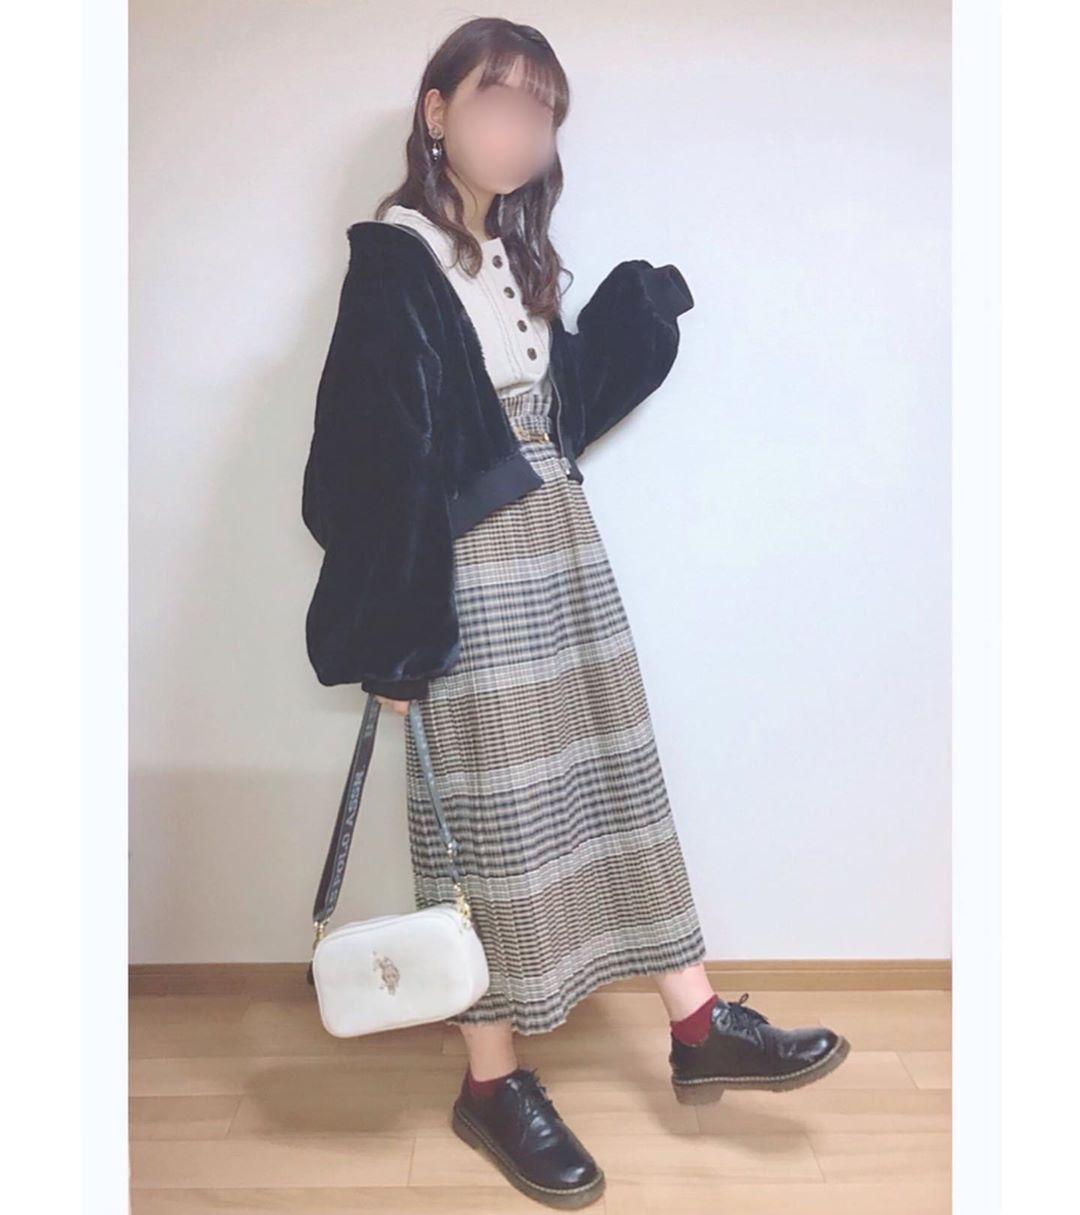 最高気温21度・最低気温11度 momo_wearの服装